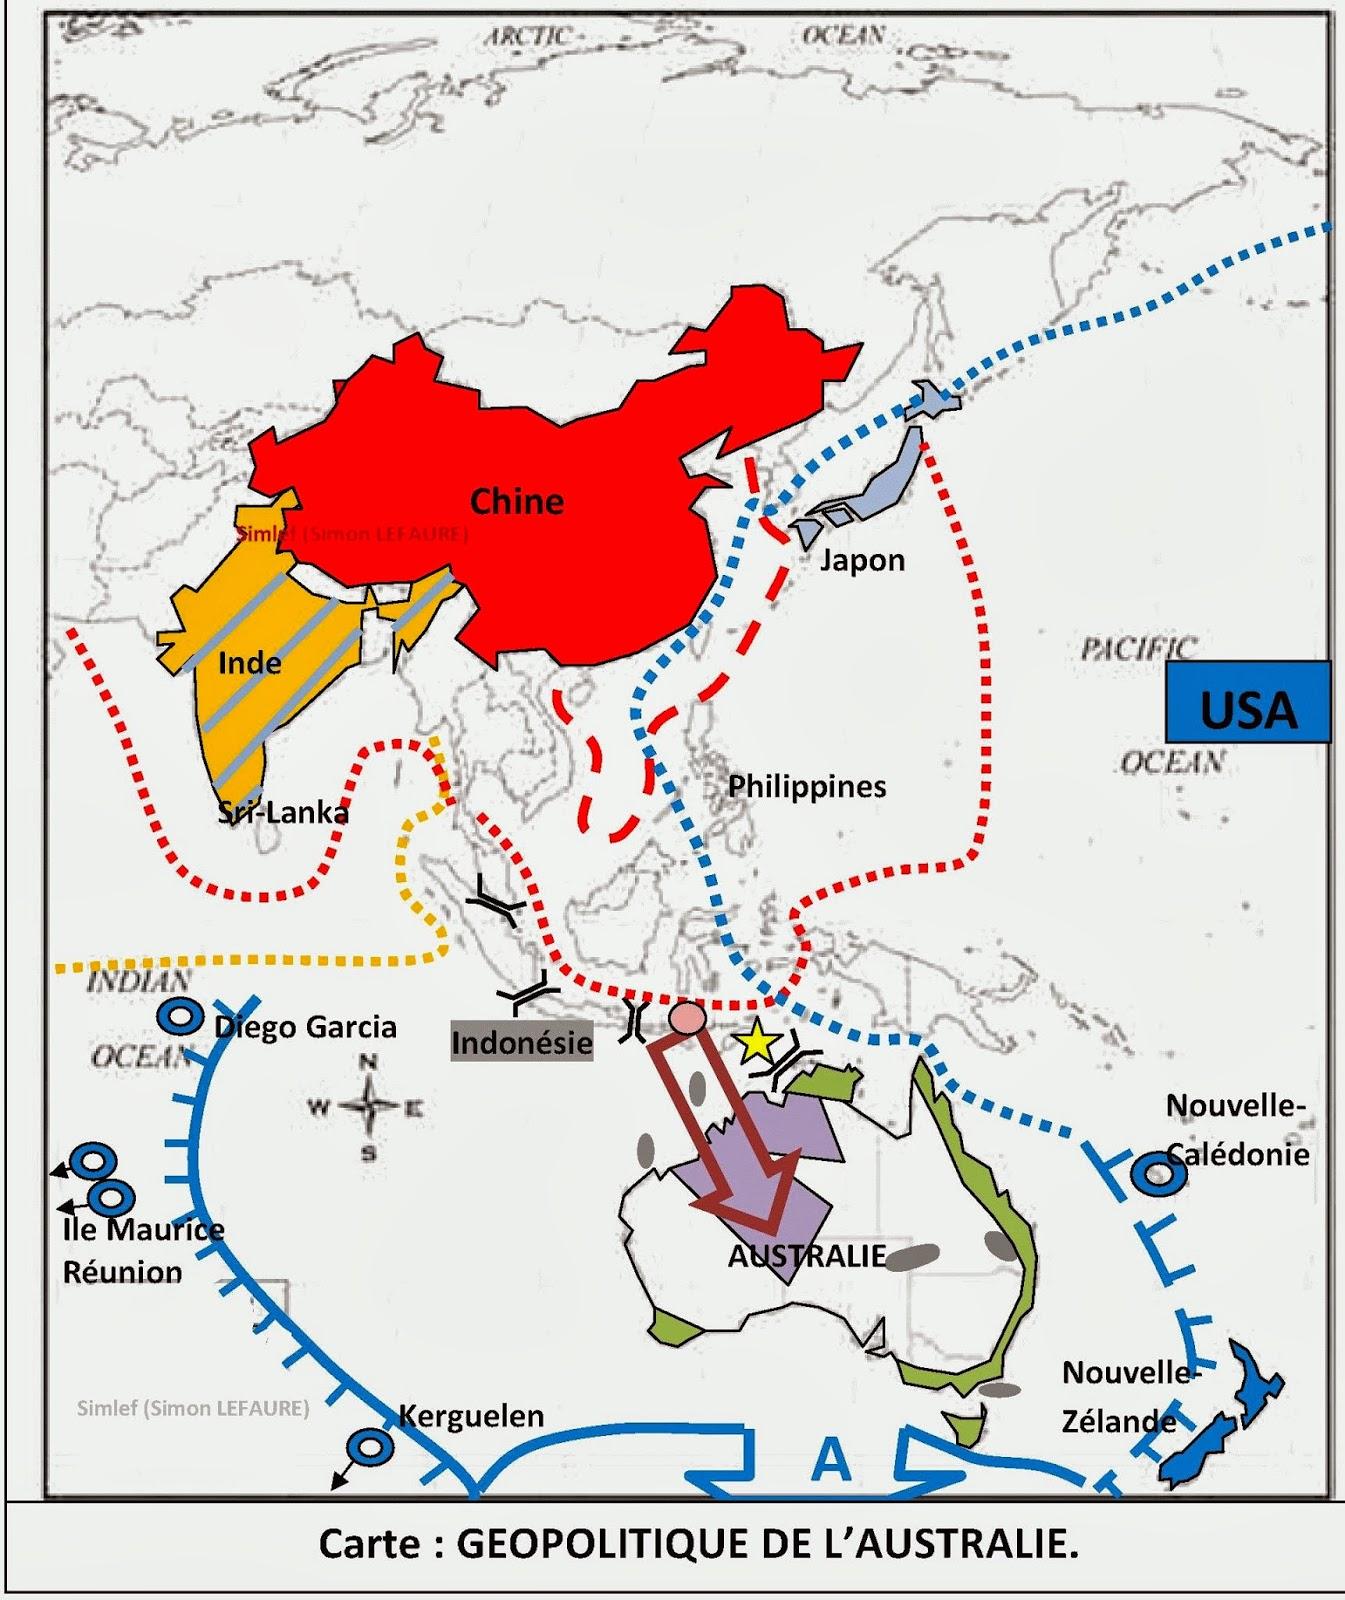 Carte Australie Chine.Le Sanctuaire Aux Idees Geopolitique De L Australie Carte